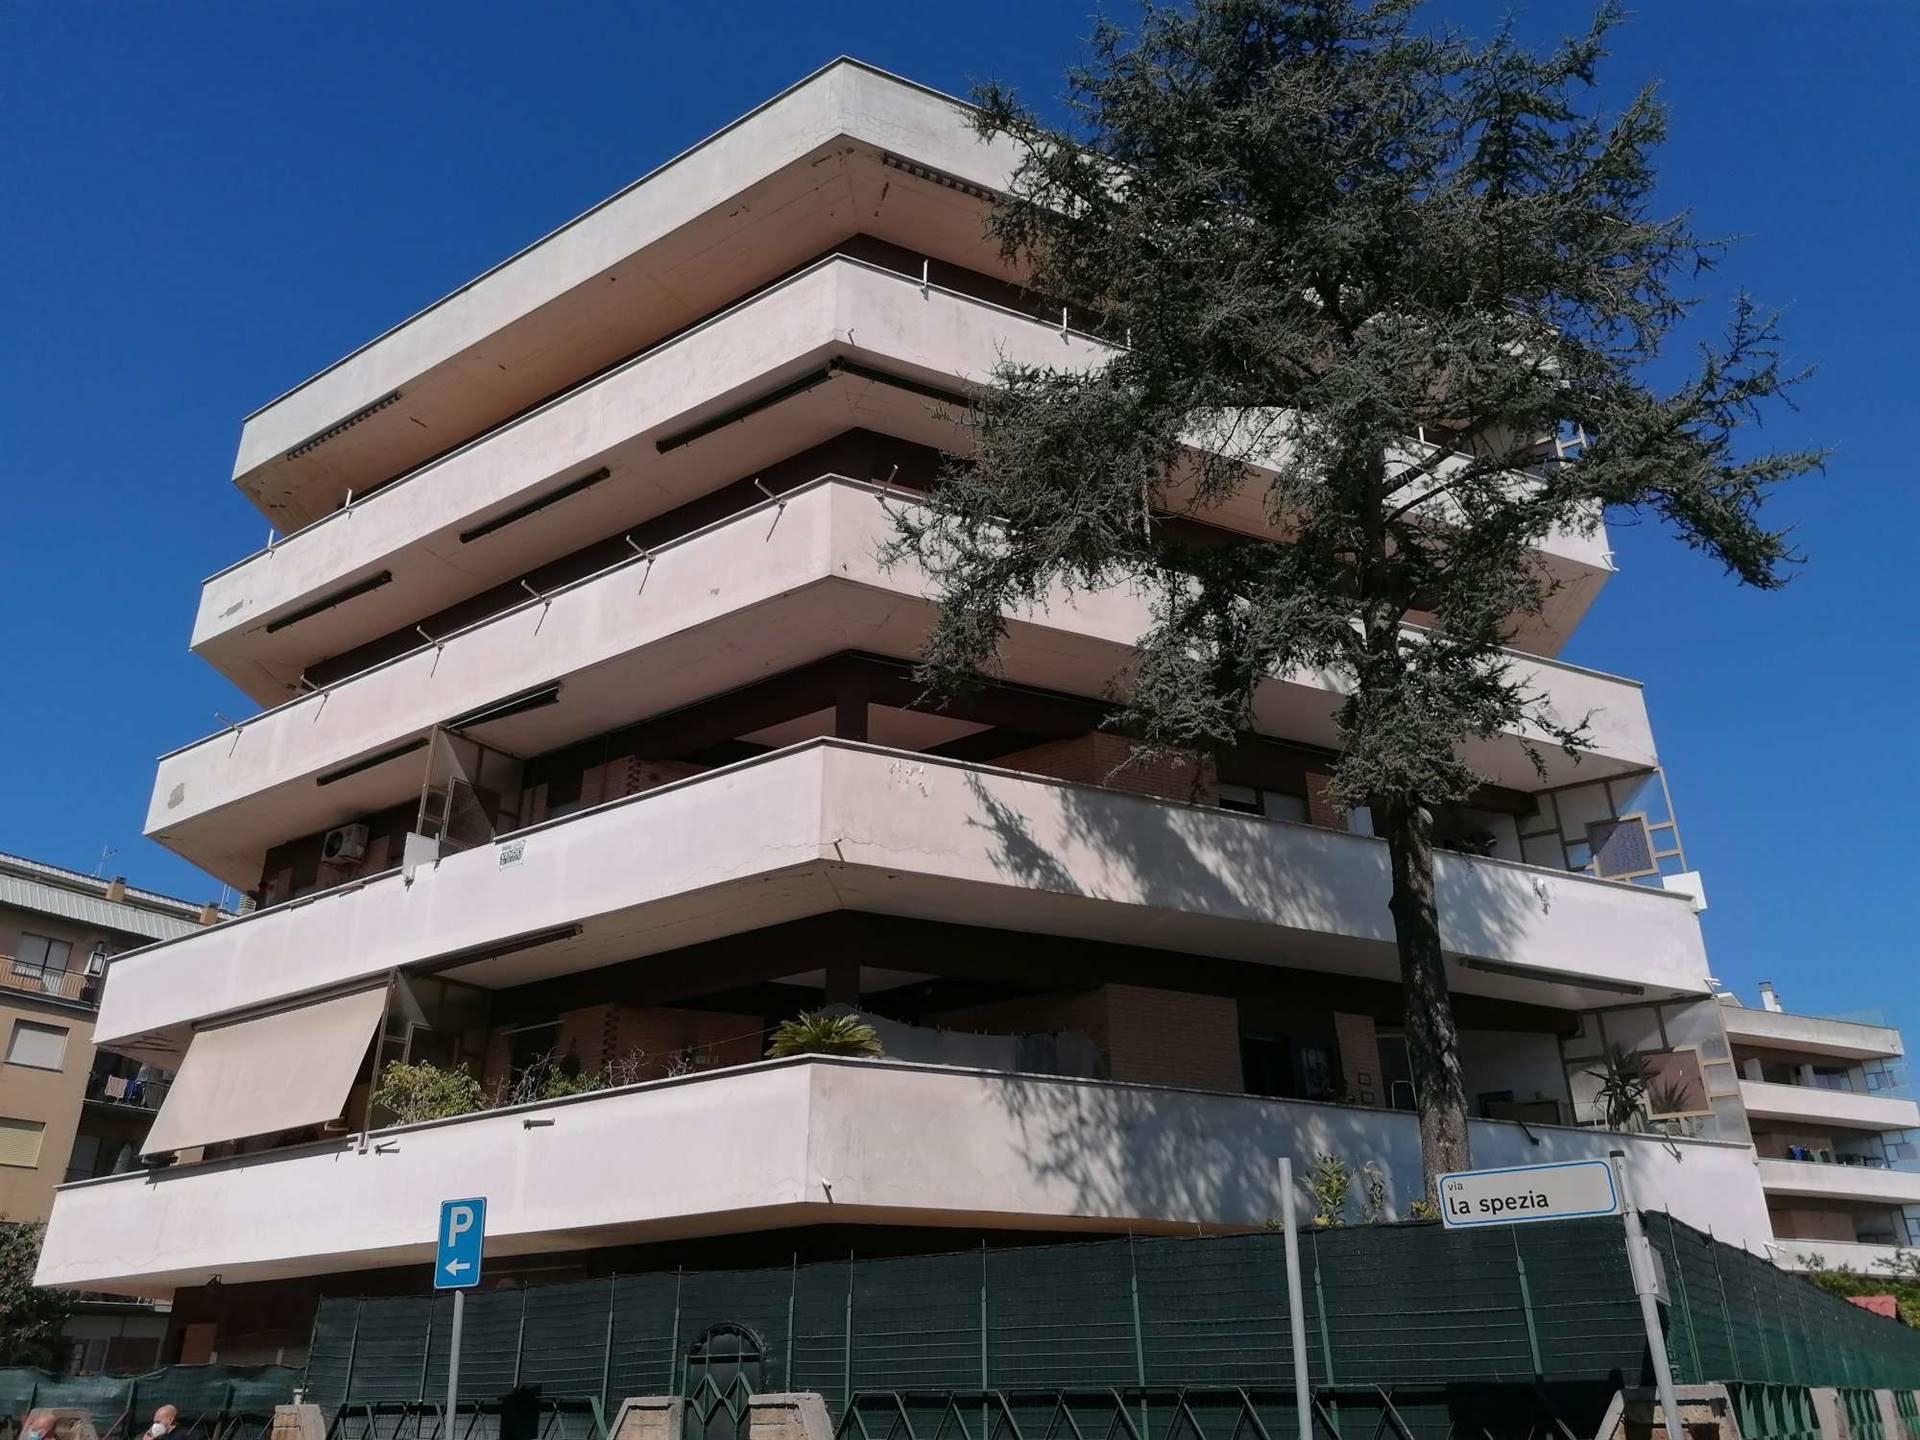 TORVAJANICA, adiacente piazza Italia, esattamente in Via La Spezia, a 500 metri dal mare, proponiamo la vendita di un appartamento di 80 mq posto al